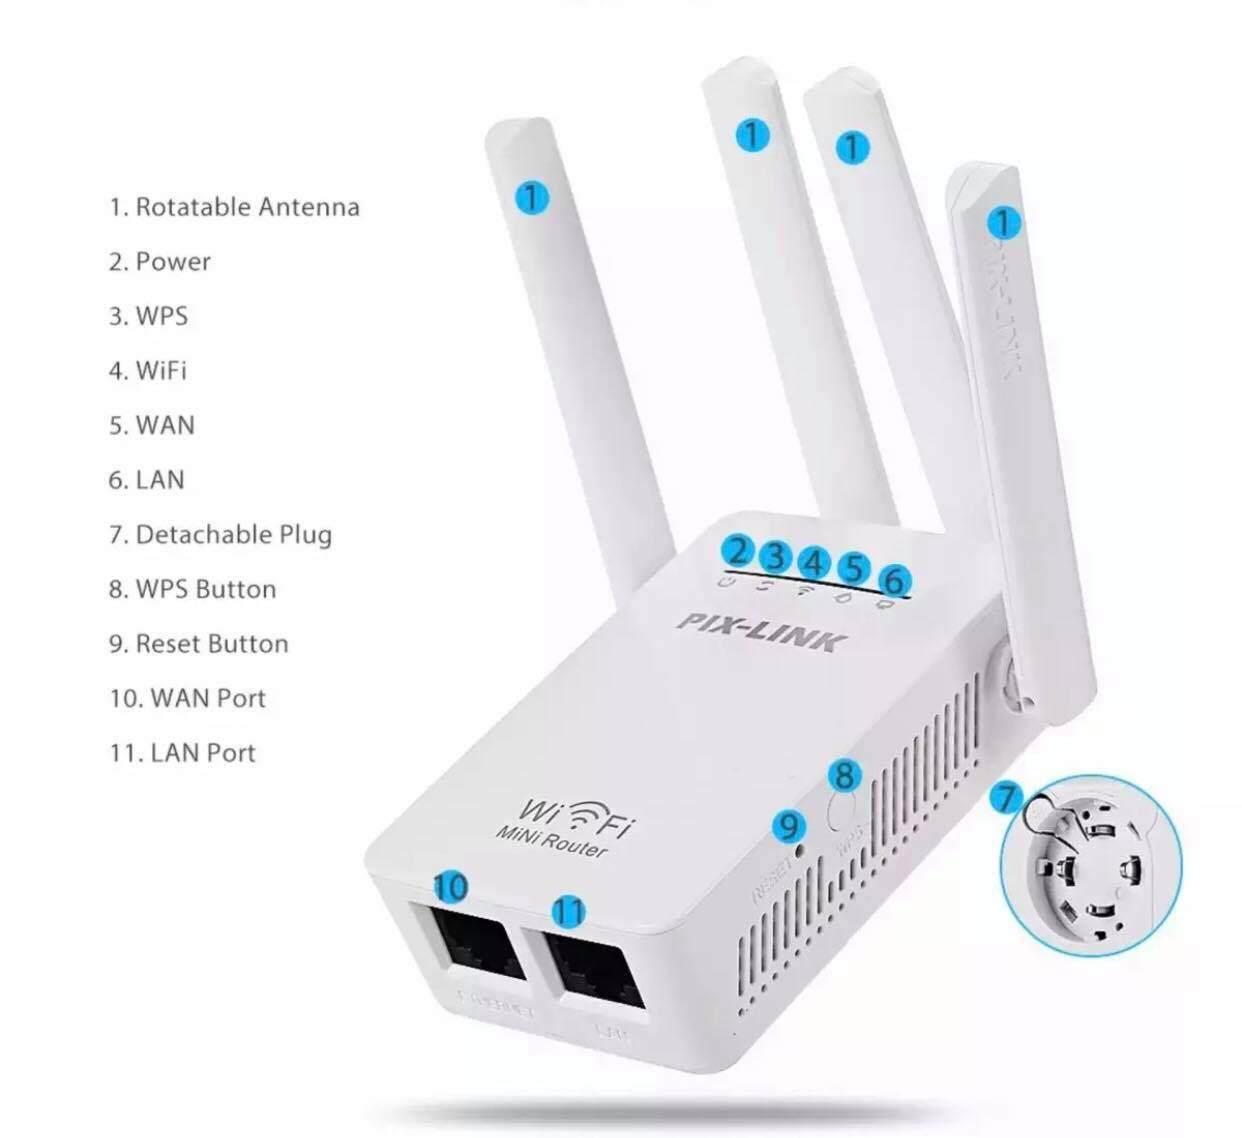 Pixlink Lv-Wr09 บ้าน Mini Ac 1200m Bps Wireless Wifi Router ช่วงสัญญาณ Extender 4 ภายนอกเสาอากาศ.